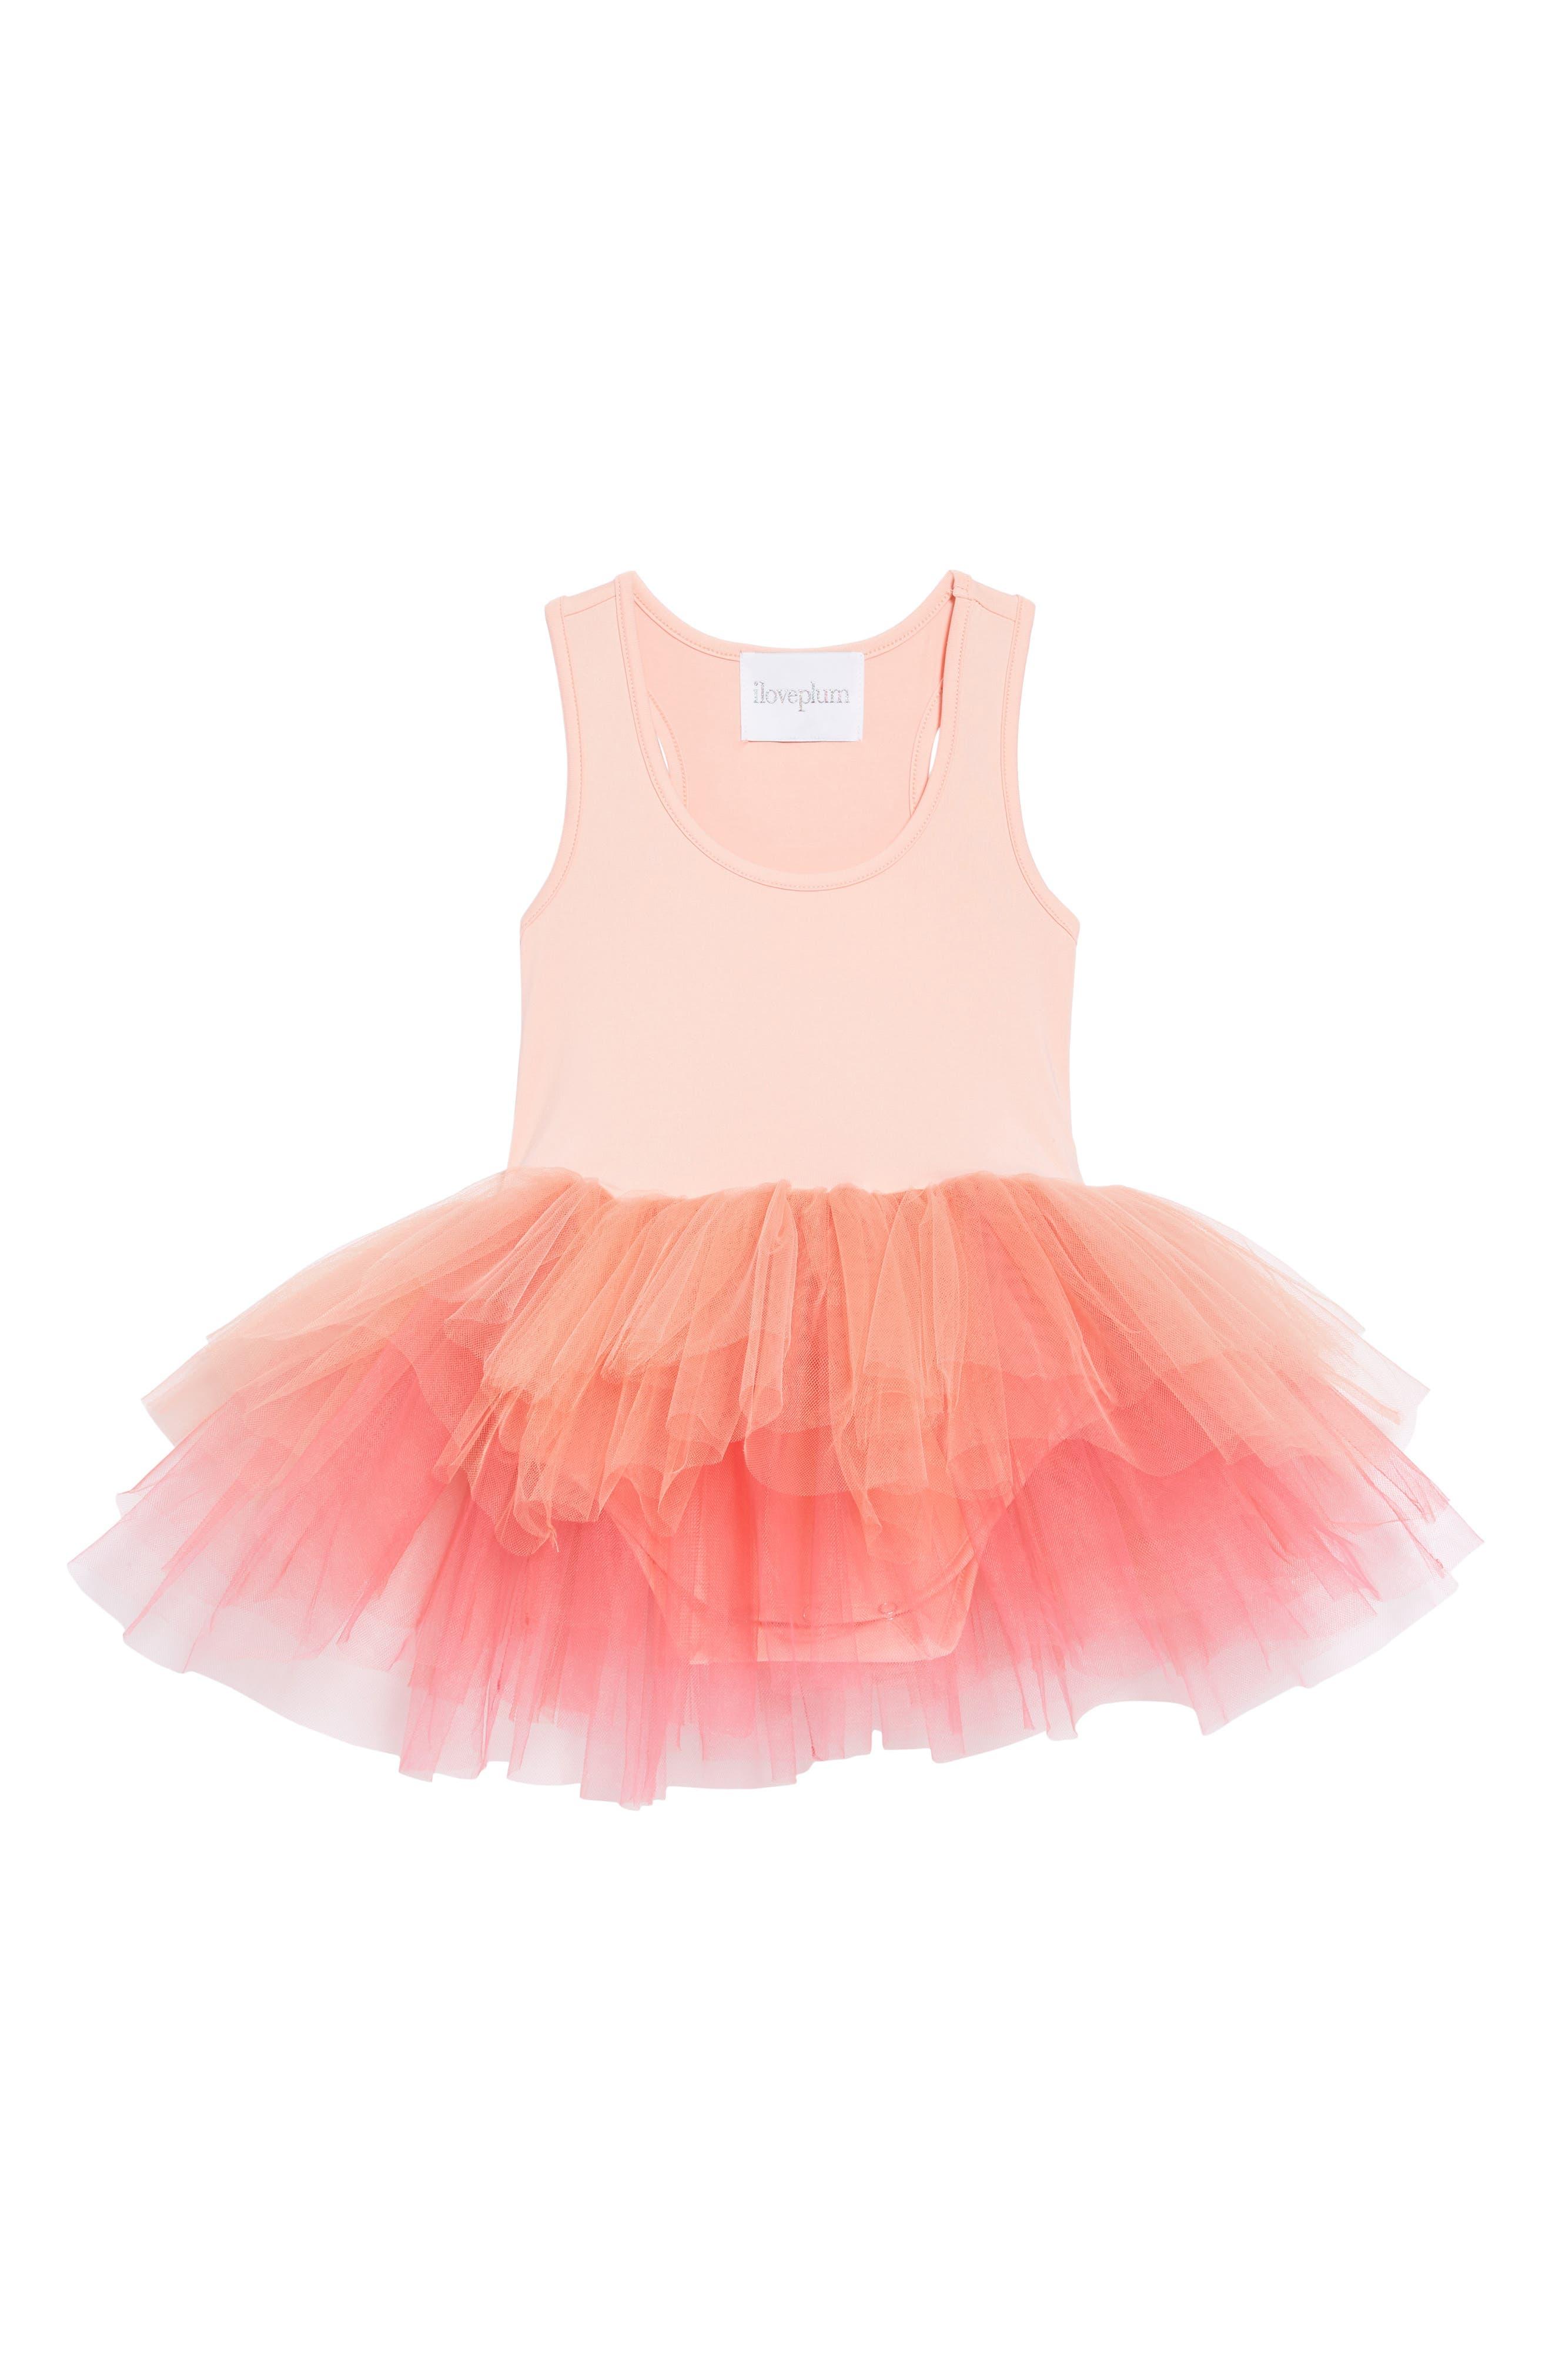 iloveplum Tutu Dress (Toddler Girls, Little Girls & Big Girls)